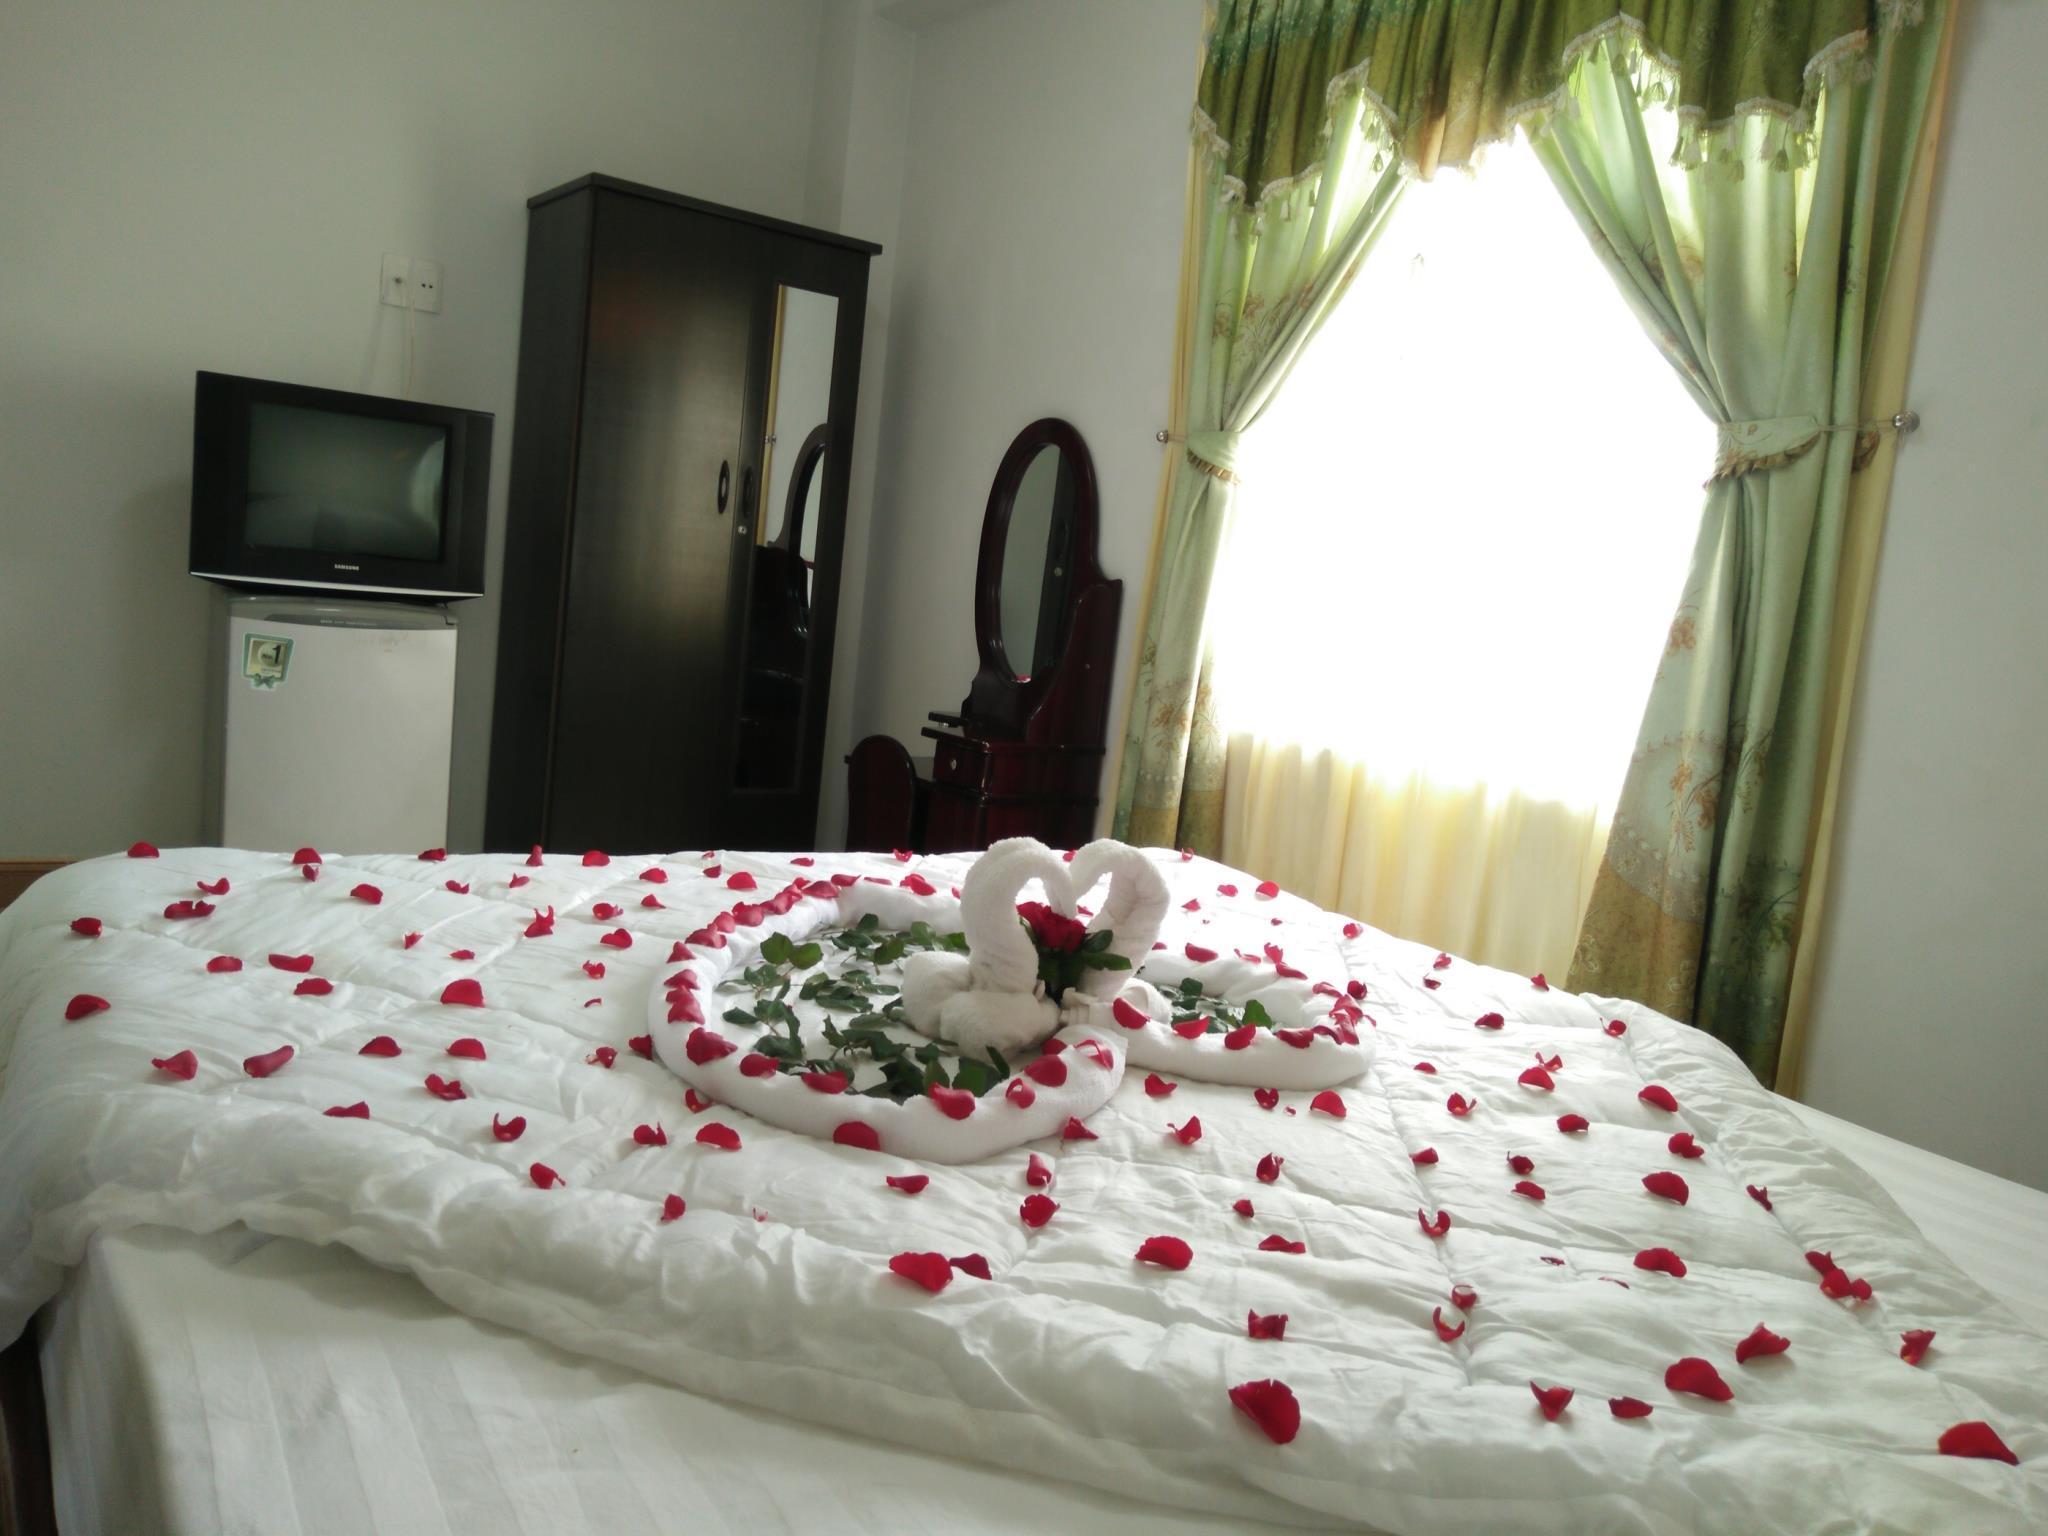 http://pix6.agoda.net/hotelImages/237/237472/237472_16100701120047512591.jpg